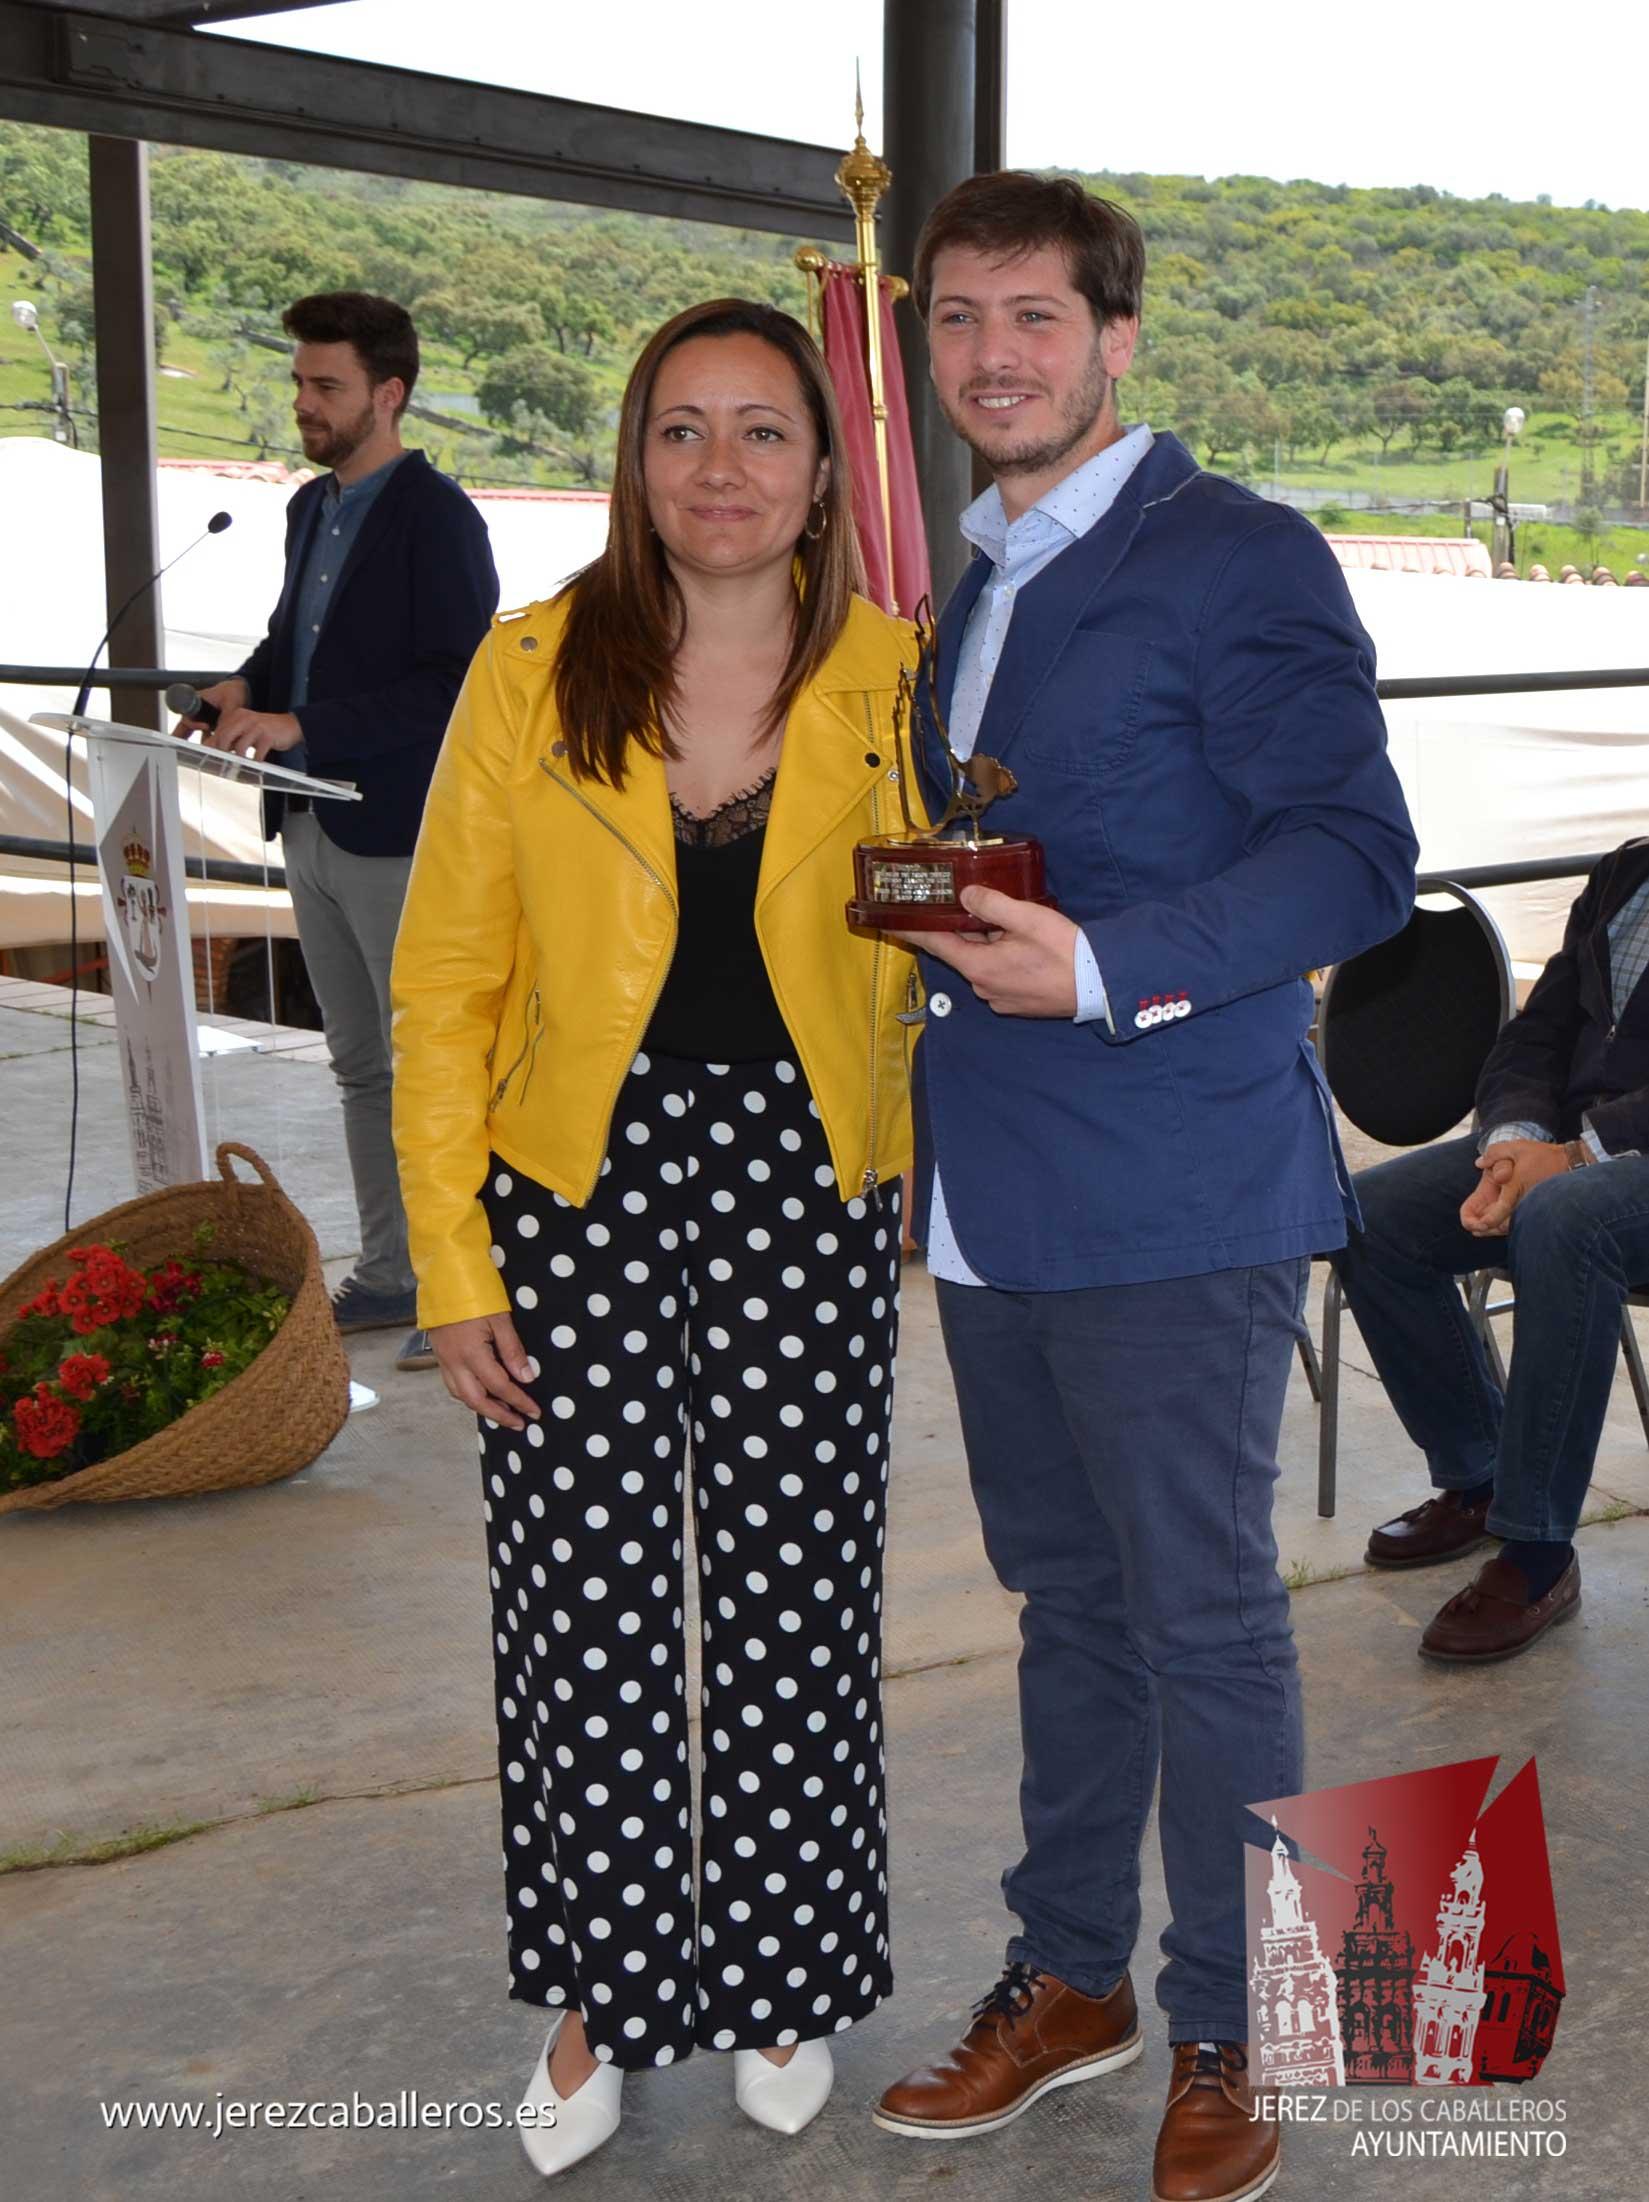 La gala de entrega de los premios de los Concursos 'Jamón de Oro' y de Cortadores, pone el broche al XXIX Salón del Jamón Ibérico en Jerez de los Caballeros